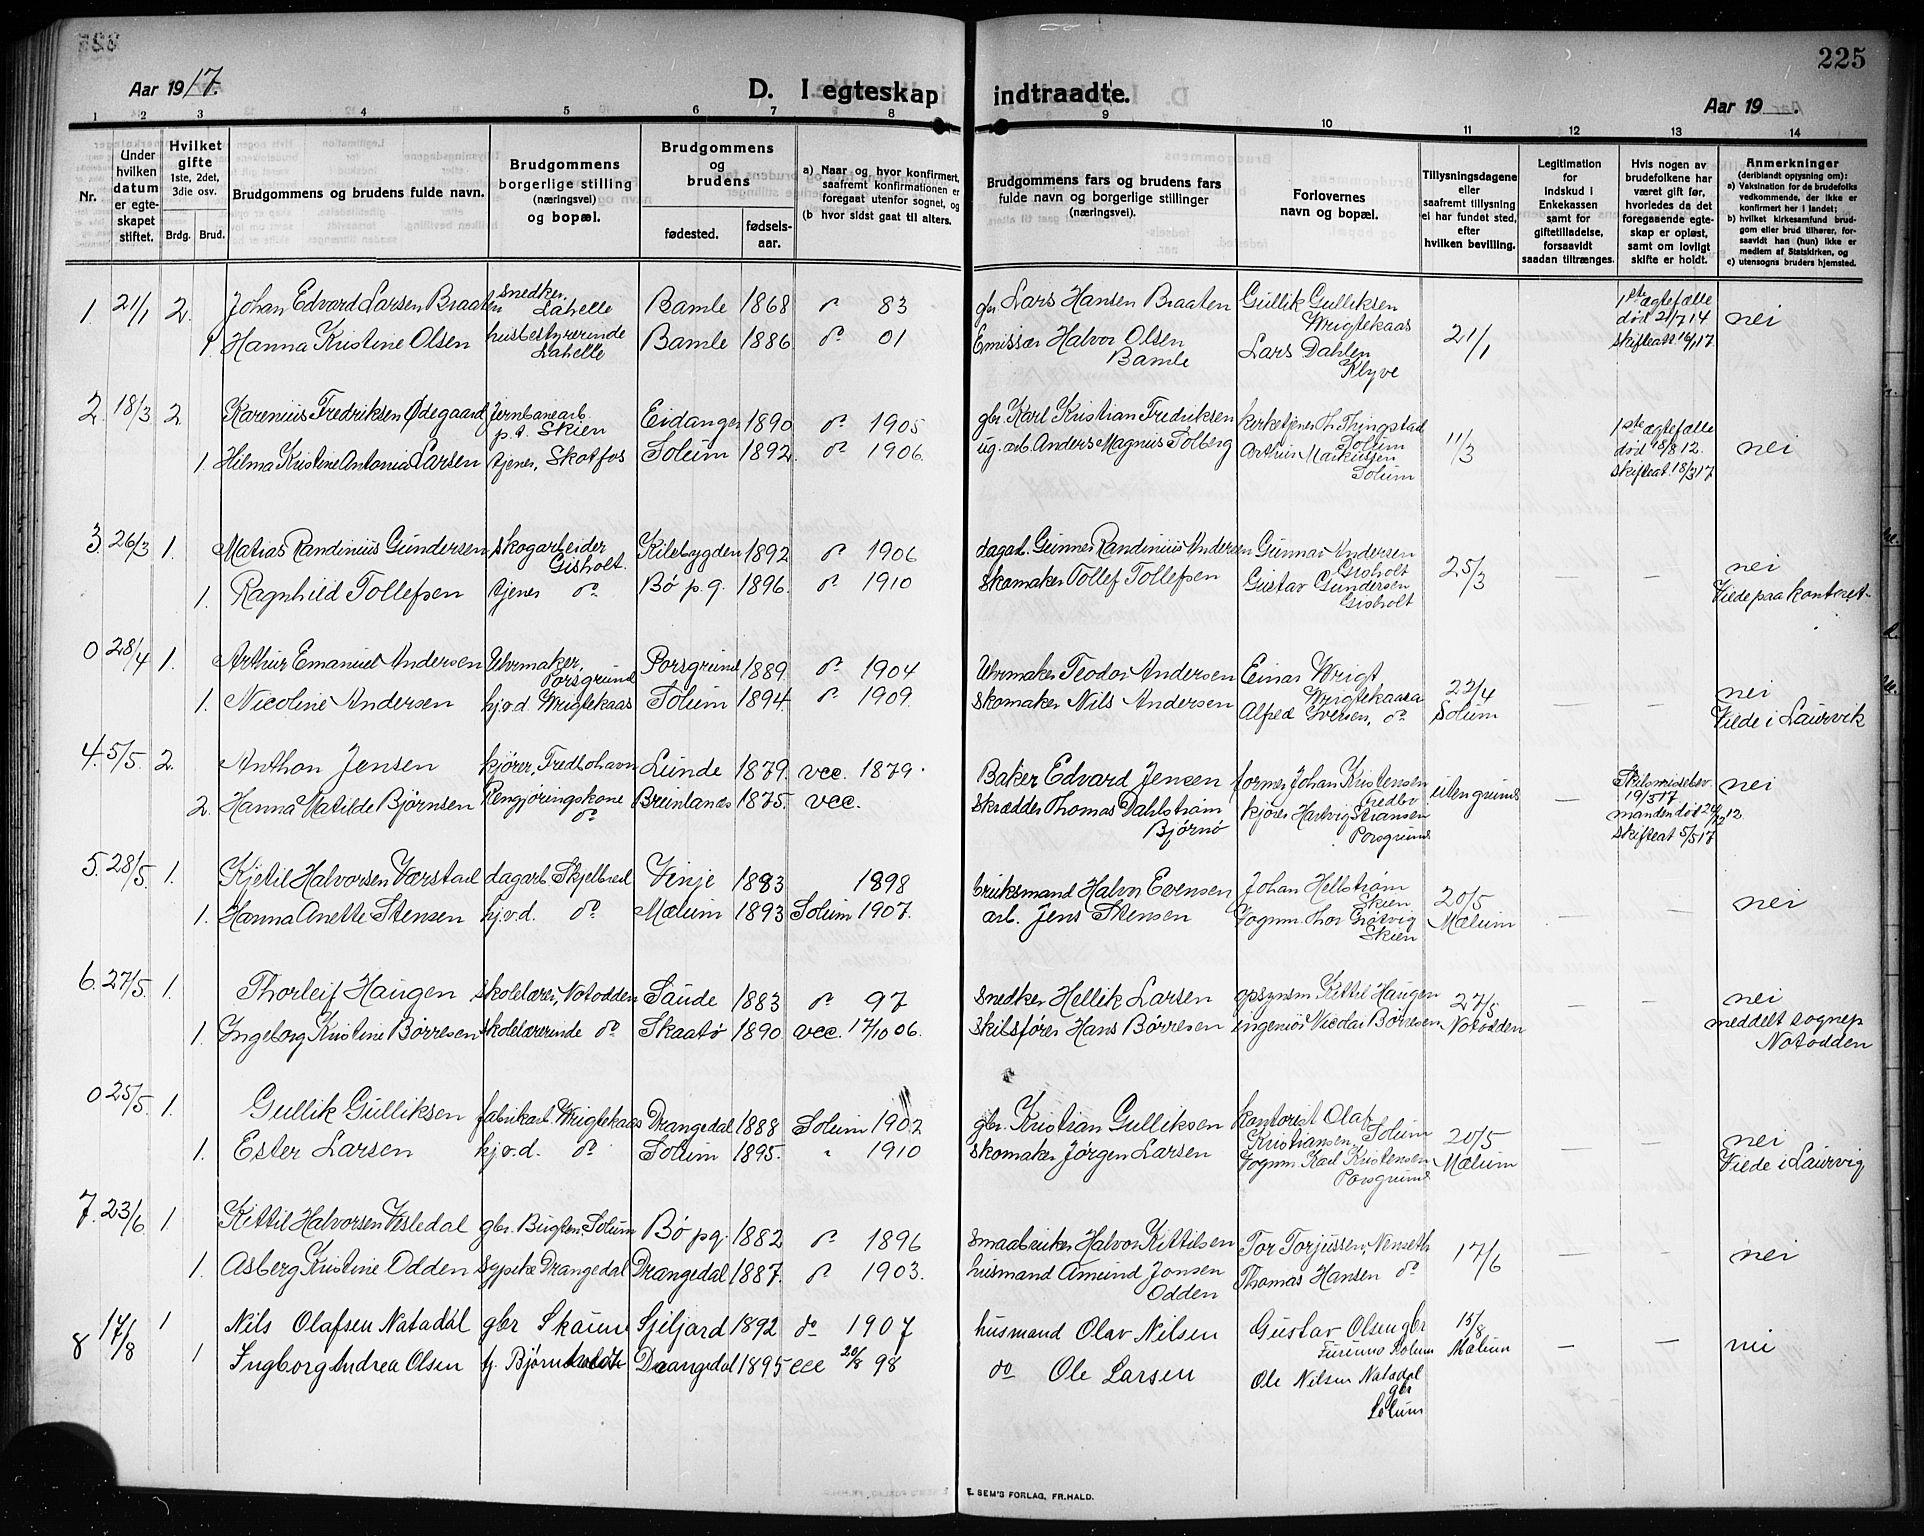 SAKO, Solum kirkebøker, G/Ga/L0009: Klokkerbok nr. I 9, 1909-1922, s. 225